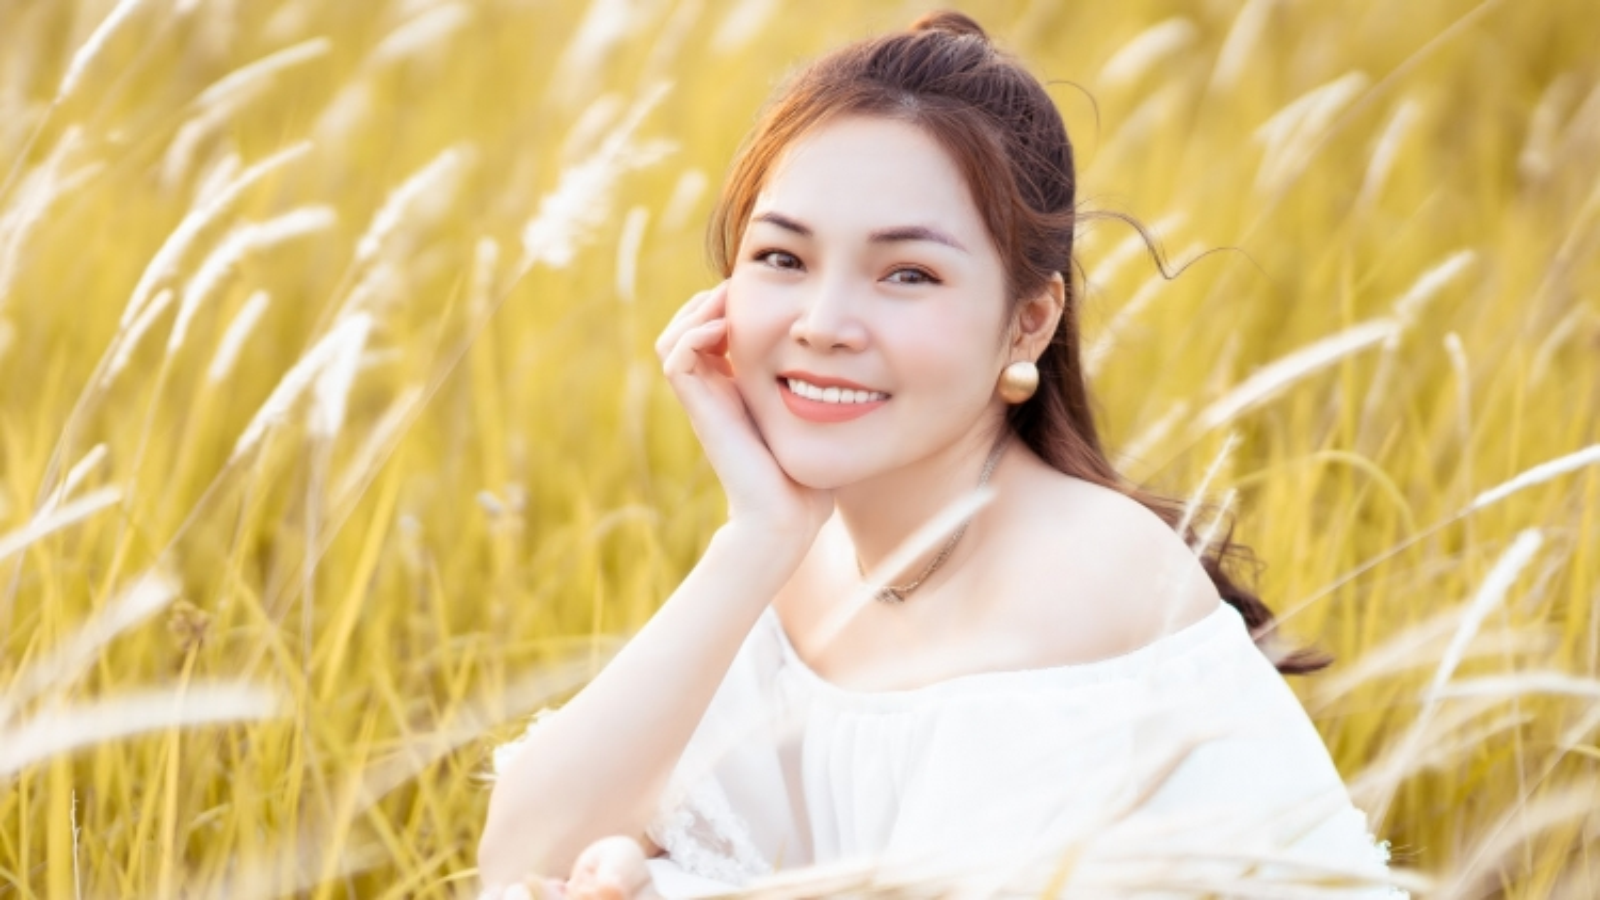 Ca sĩ Lâm Nguyệt Ánh: Rất áp lực và chơi vơi khi theo đuổi dòng nhạc xưa